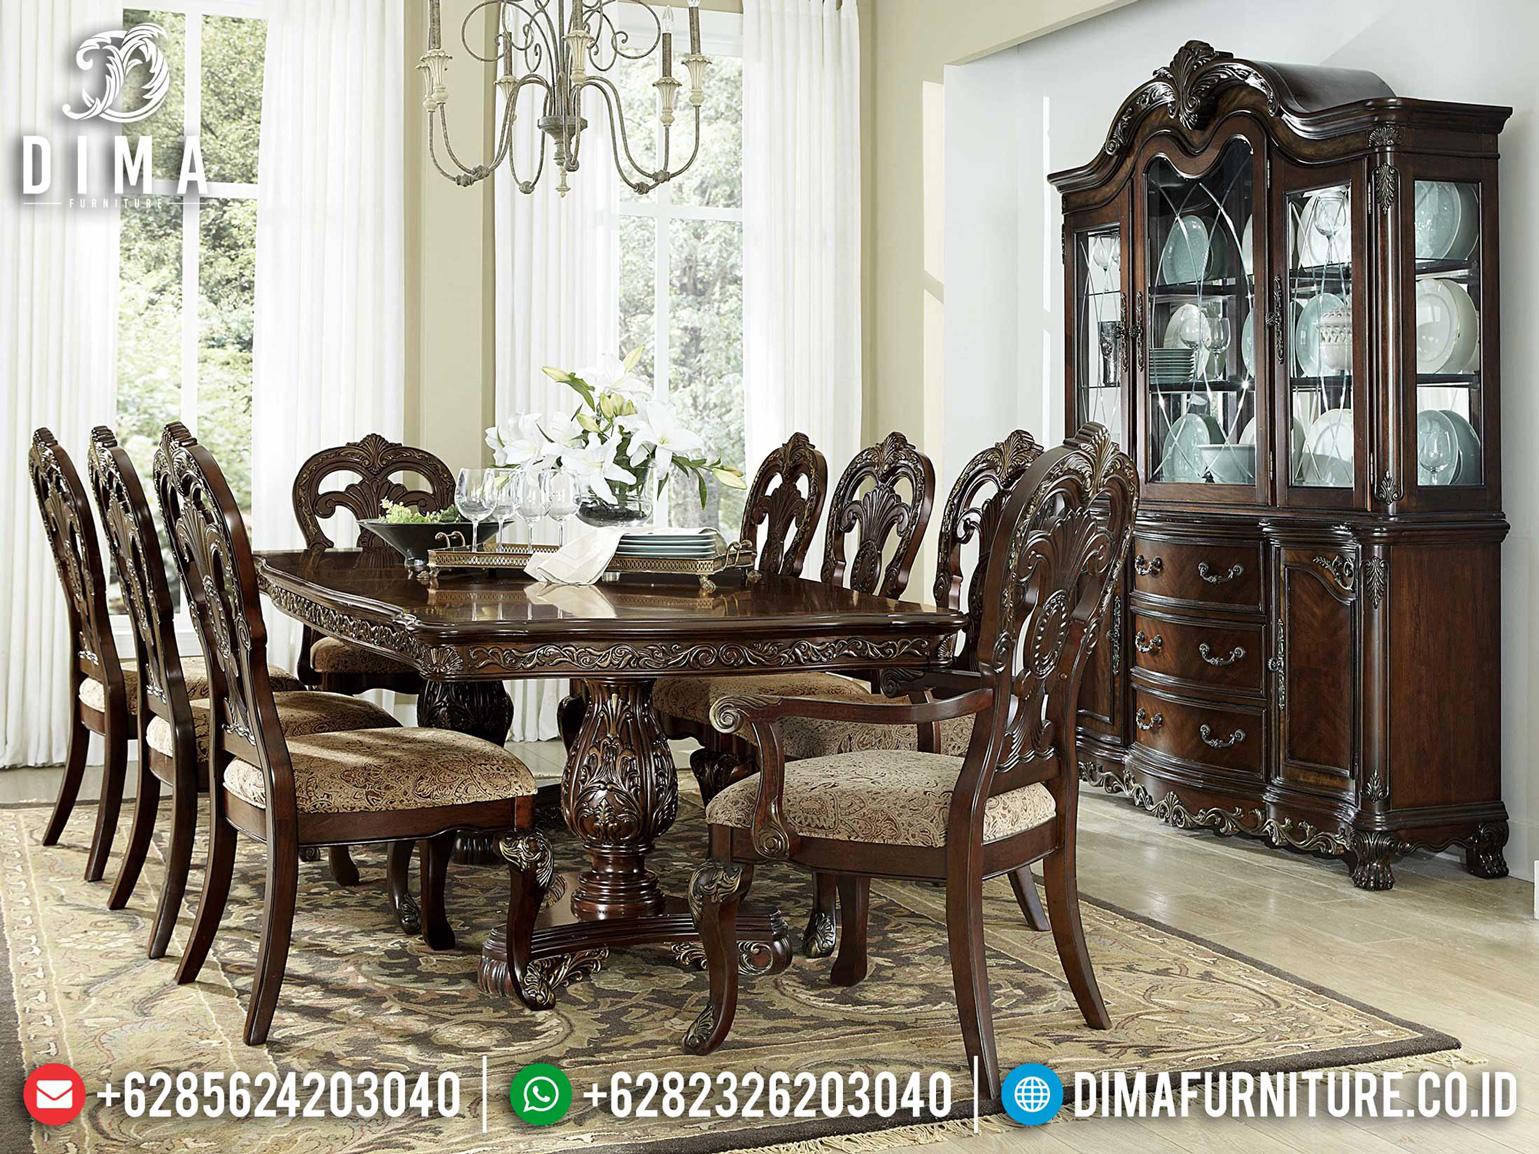 Meja Makan Minimalis Jati Natural Classic Jepara High Quality Item ST-1191